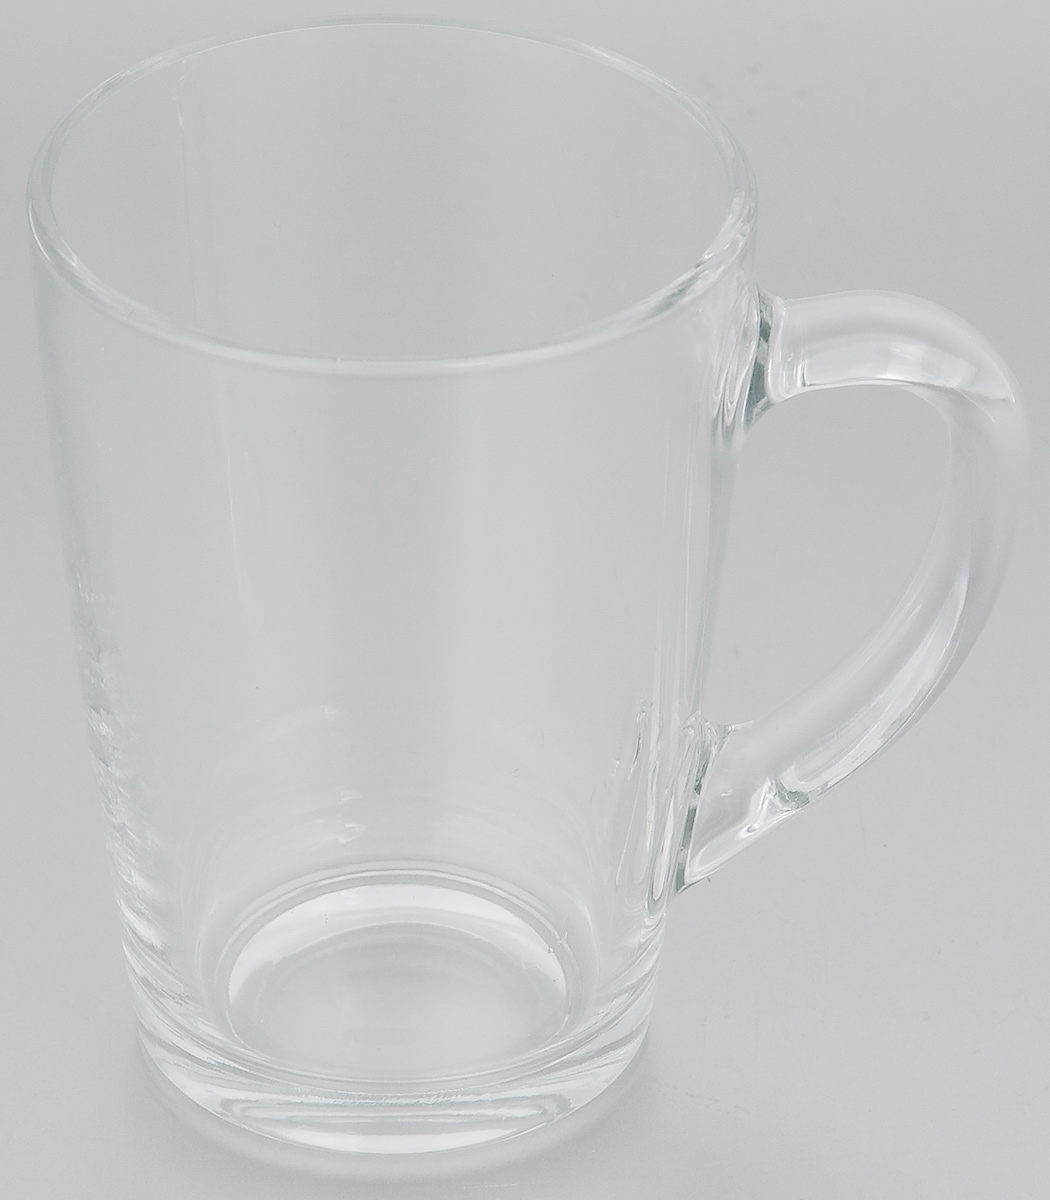 Кружка Luminarc С добрым утром, цвет: прозрачный, 320 млH8500Кружка Luminarc С добрым утром изготовлена из упрочненного стекла. Такая кружка прекрасно подойдет для горячих и холодных напитков. Она дополнит коллекцию вашей кухонной посуды и будет служить долгие годы. Диаметр кружки (по верхнему краю): 8 см.